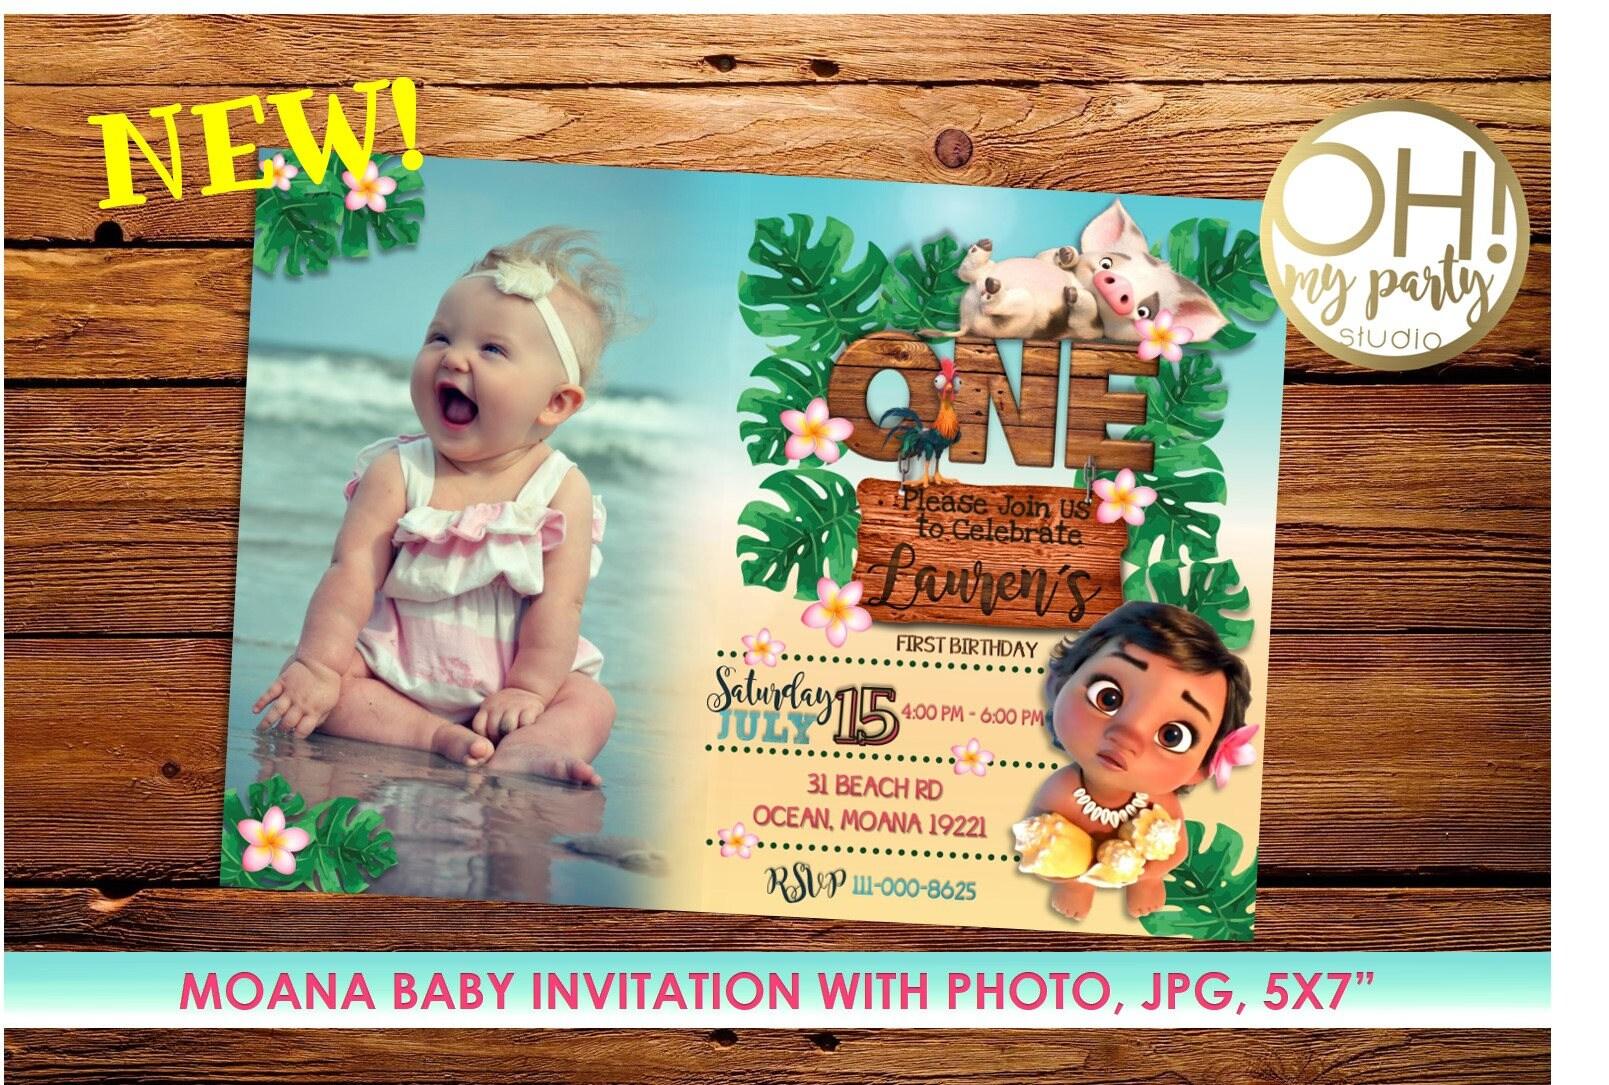 Moana Invitation With Photo Birthday